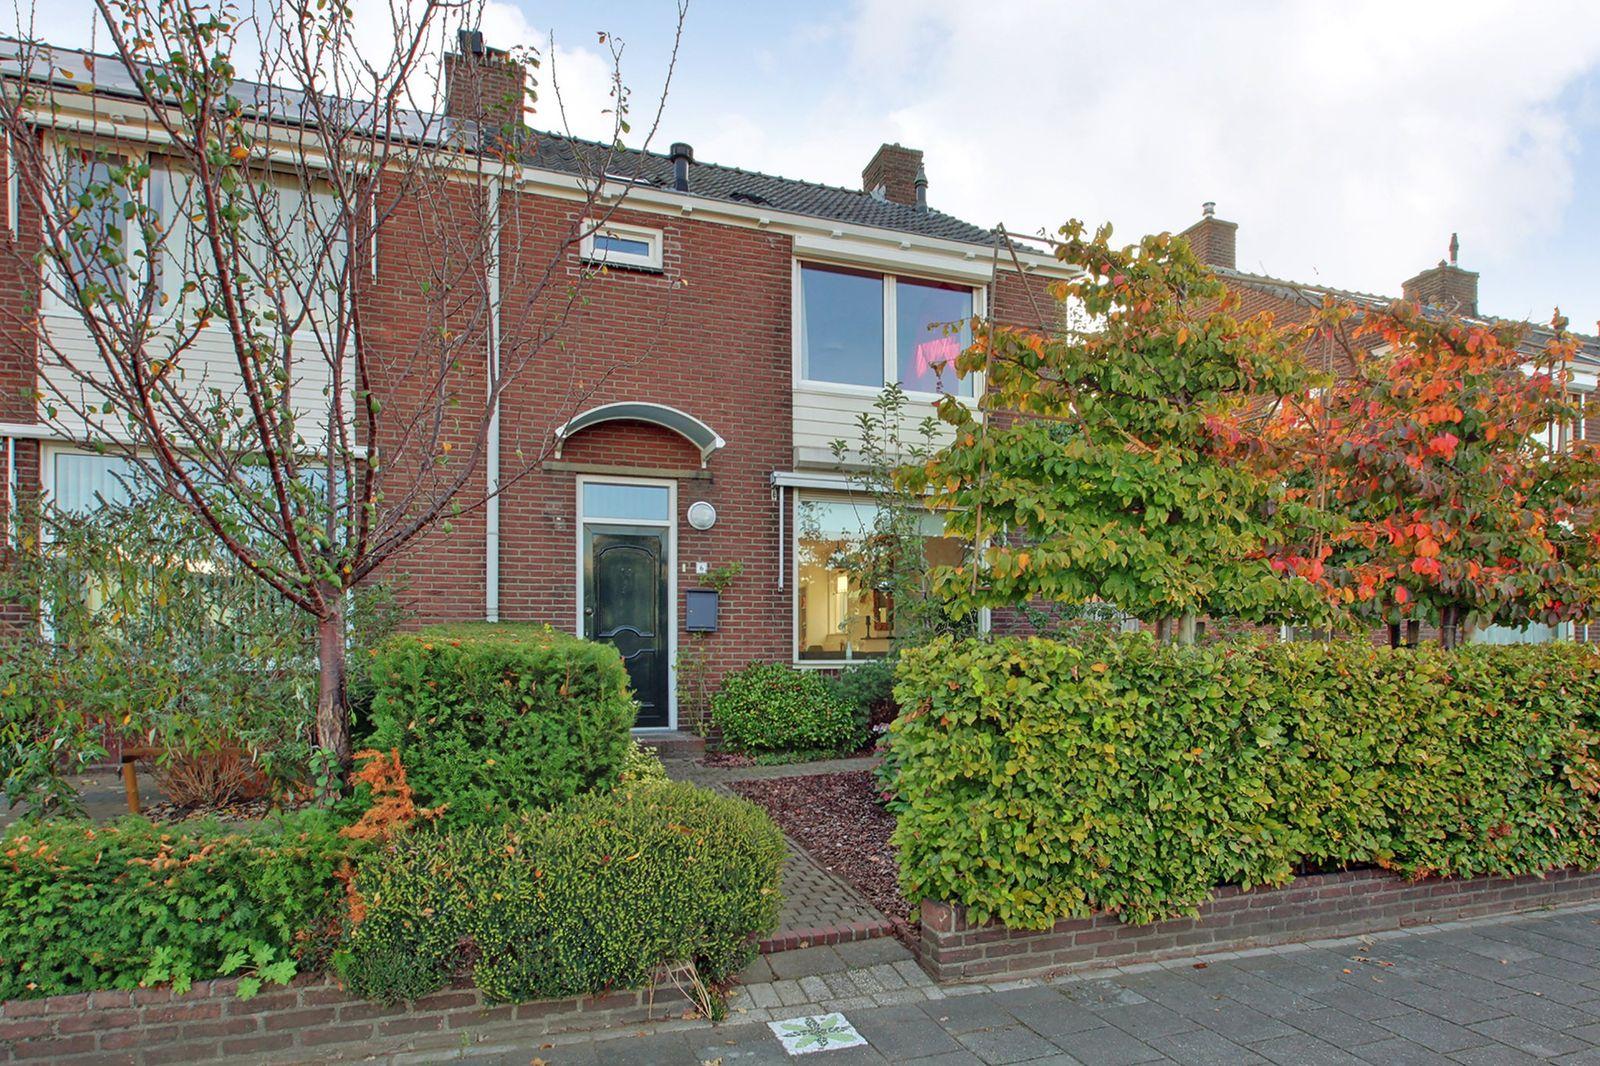 Muntmeesterlaan 6, Nijmegen